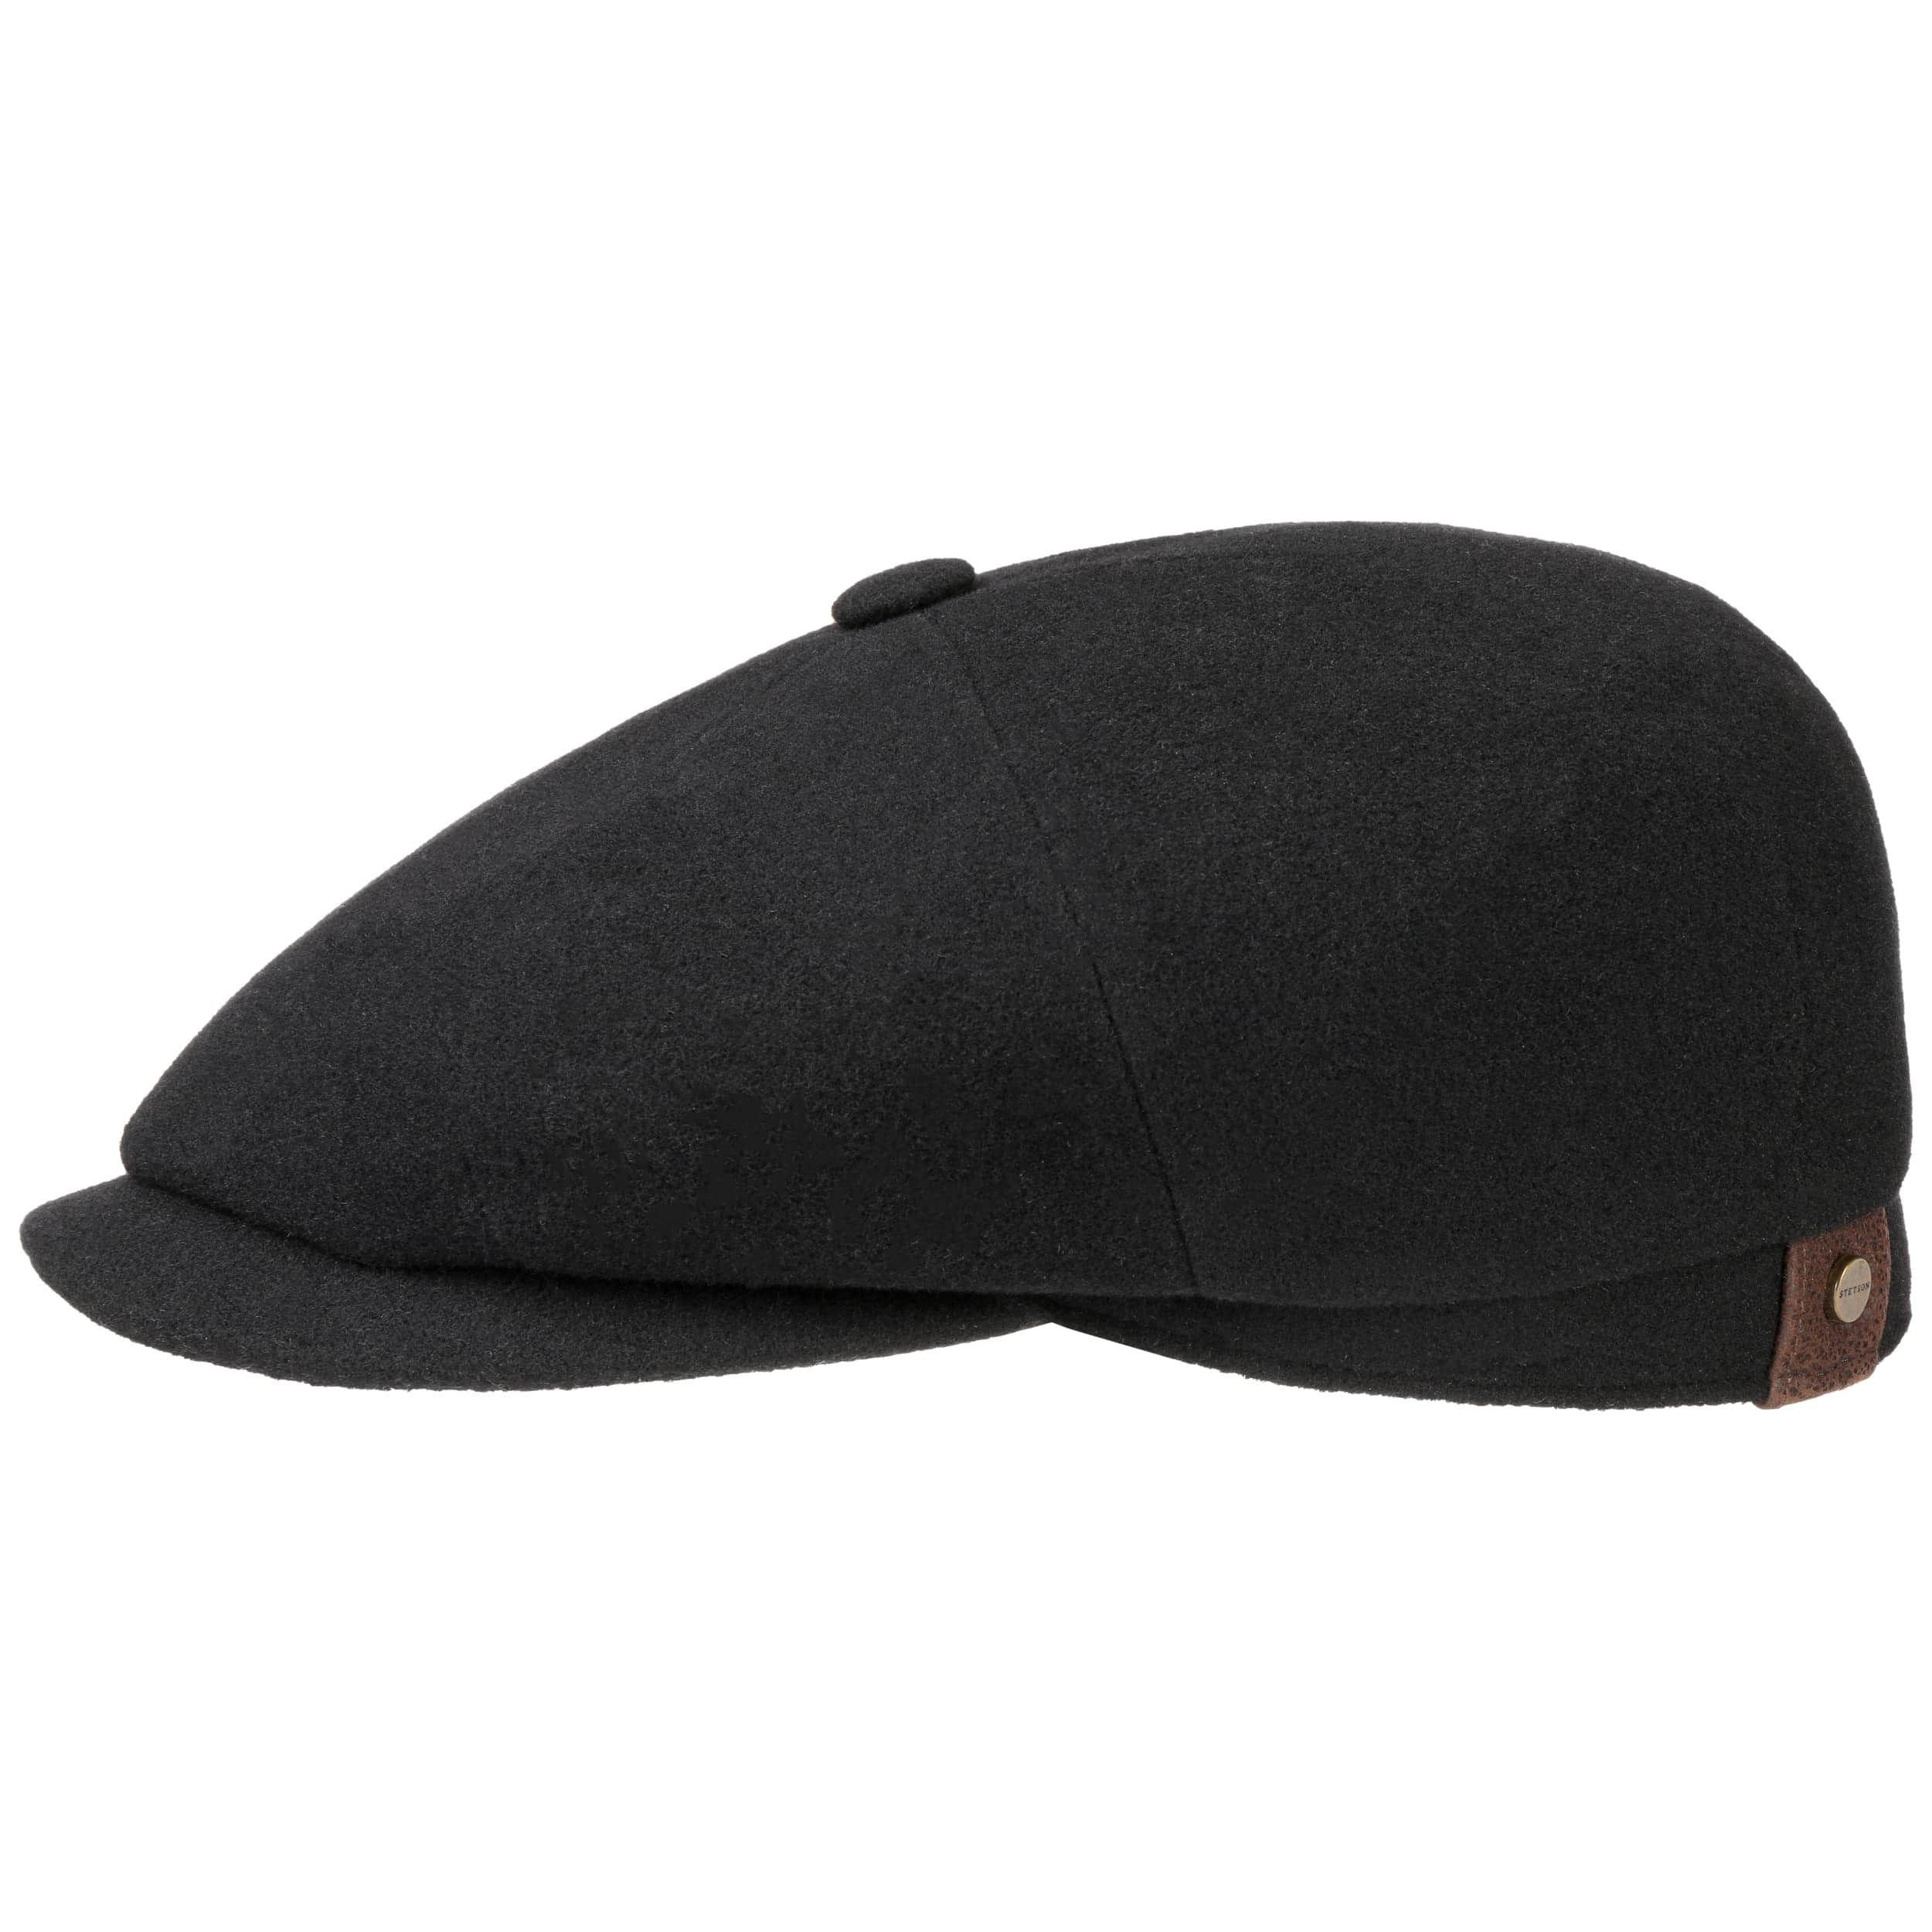 Hatteras Noir Schirmmütze schwarz